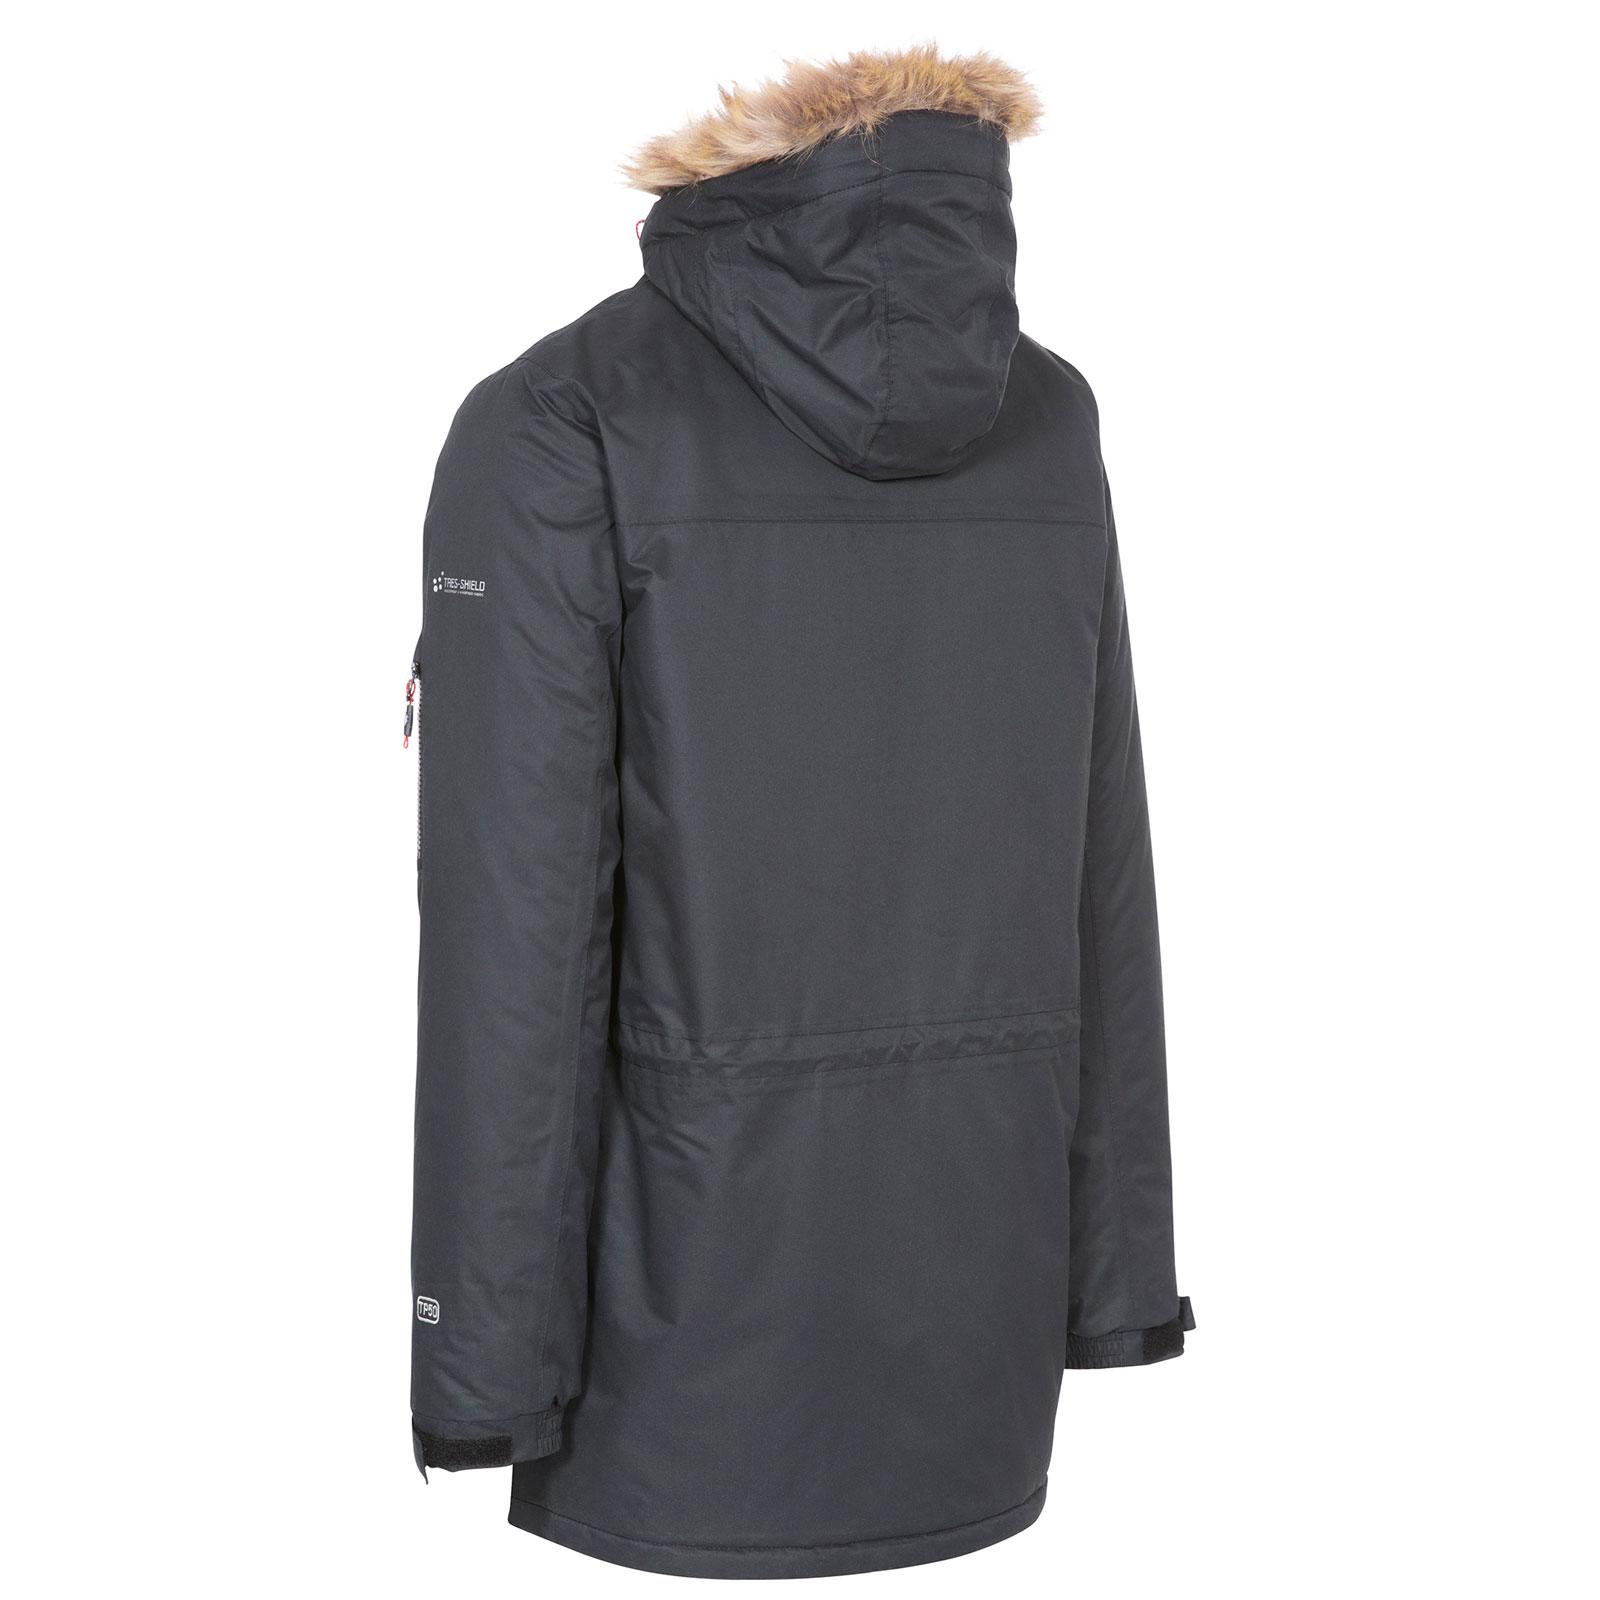 NUOVE Moda Uomo Cotone Cappotto spessa cappotto caldo Giacca Top imbottita cappuccio Top Giacca outrwear 45905d